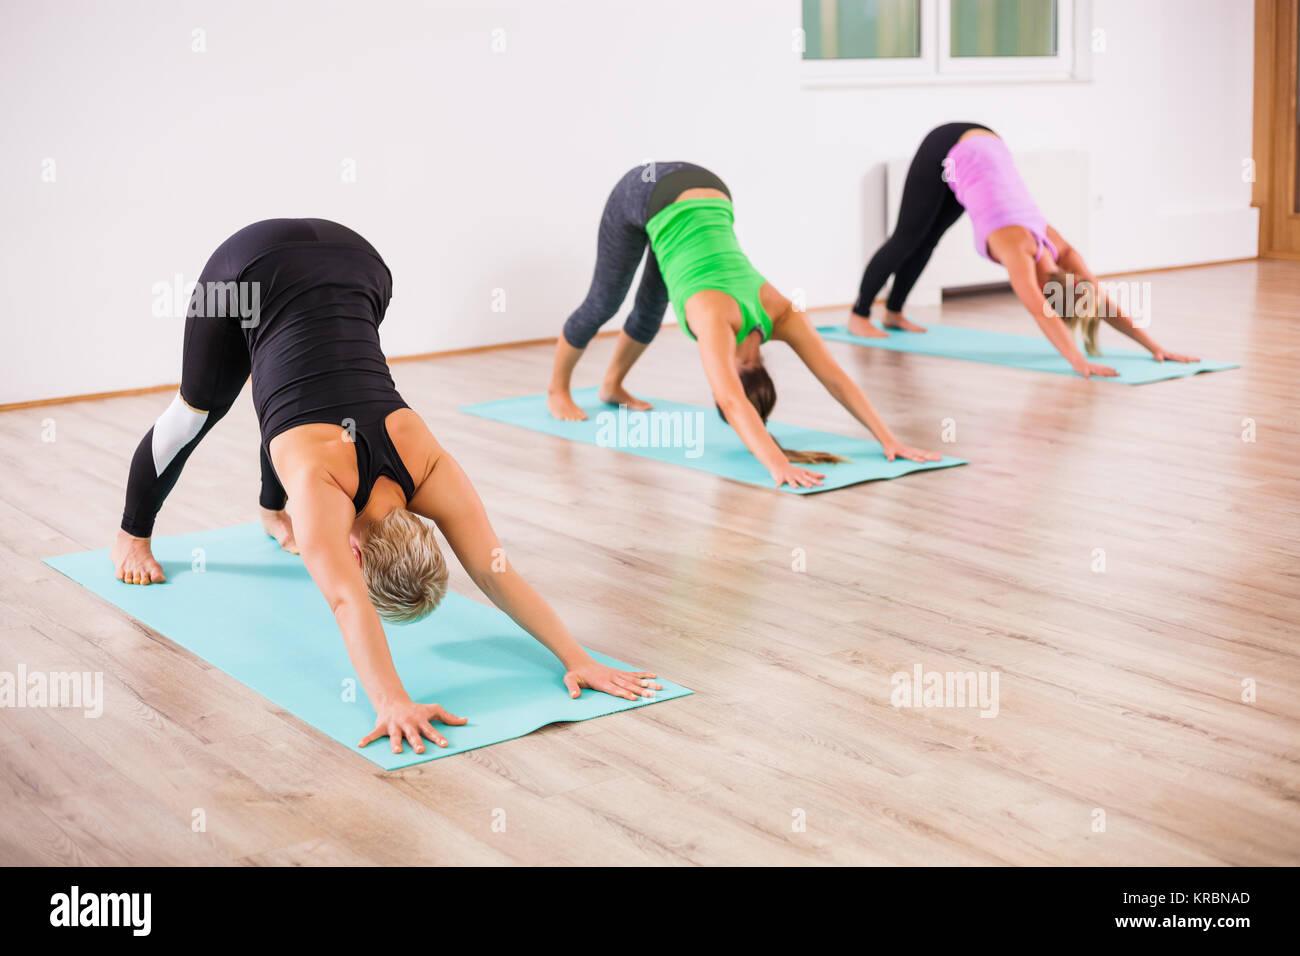 Drei Mädchen üben Yoga, svanasana/Nach unten schauender Hund darstellen Stockbild